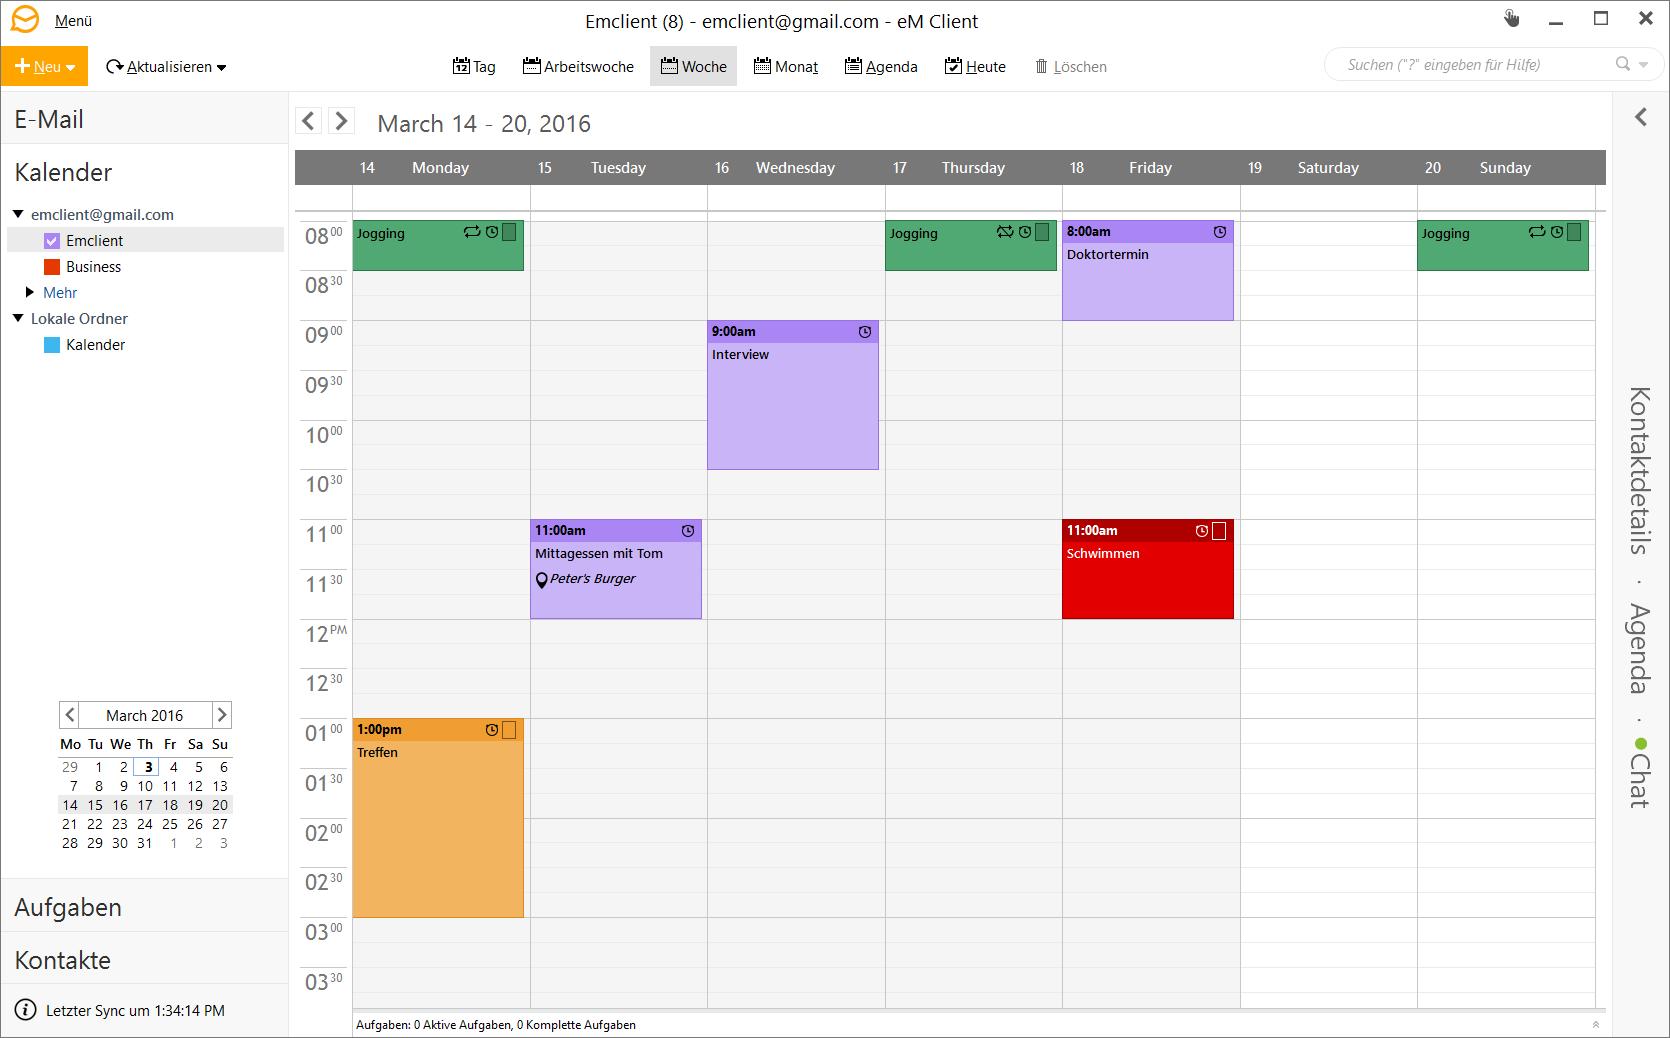 eM Client | Das beste Mail-Programm für Windows und Mac (beta)